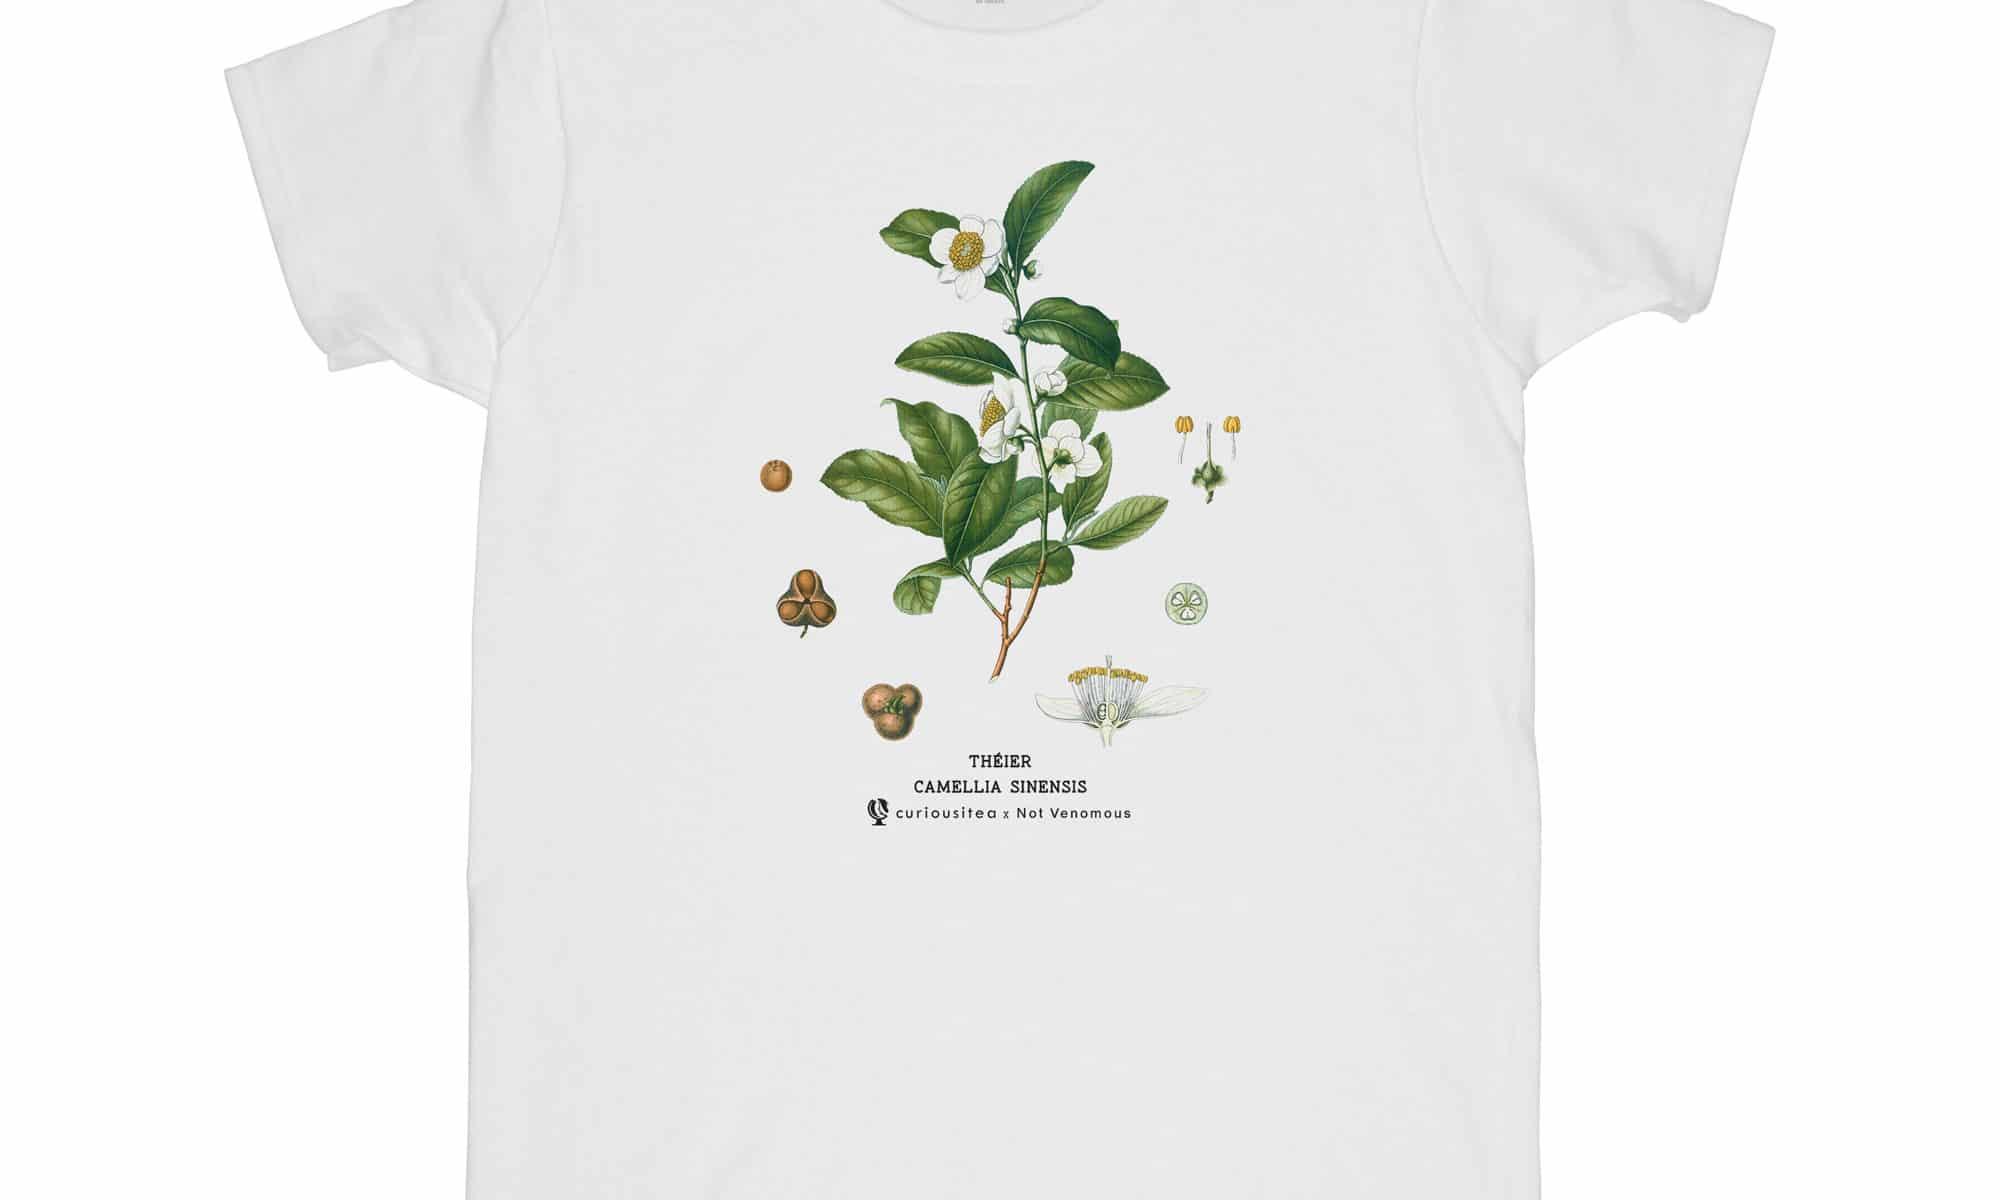 T-shirt Théier 'Camellia Sinensis' Curiousitea x Not Venomous